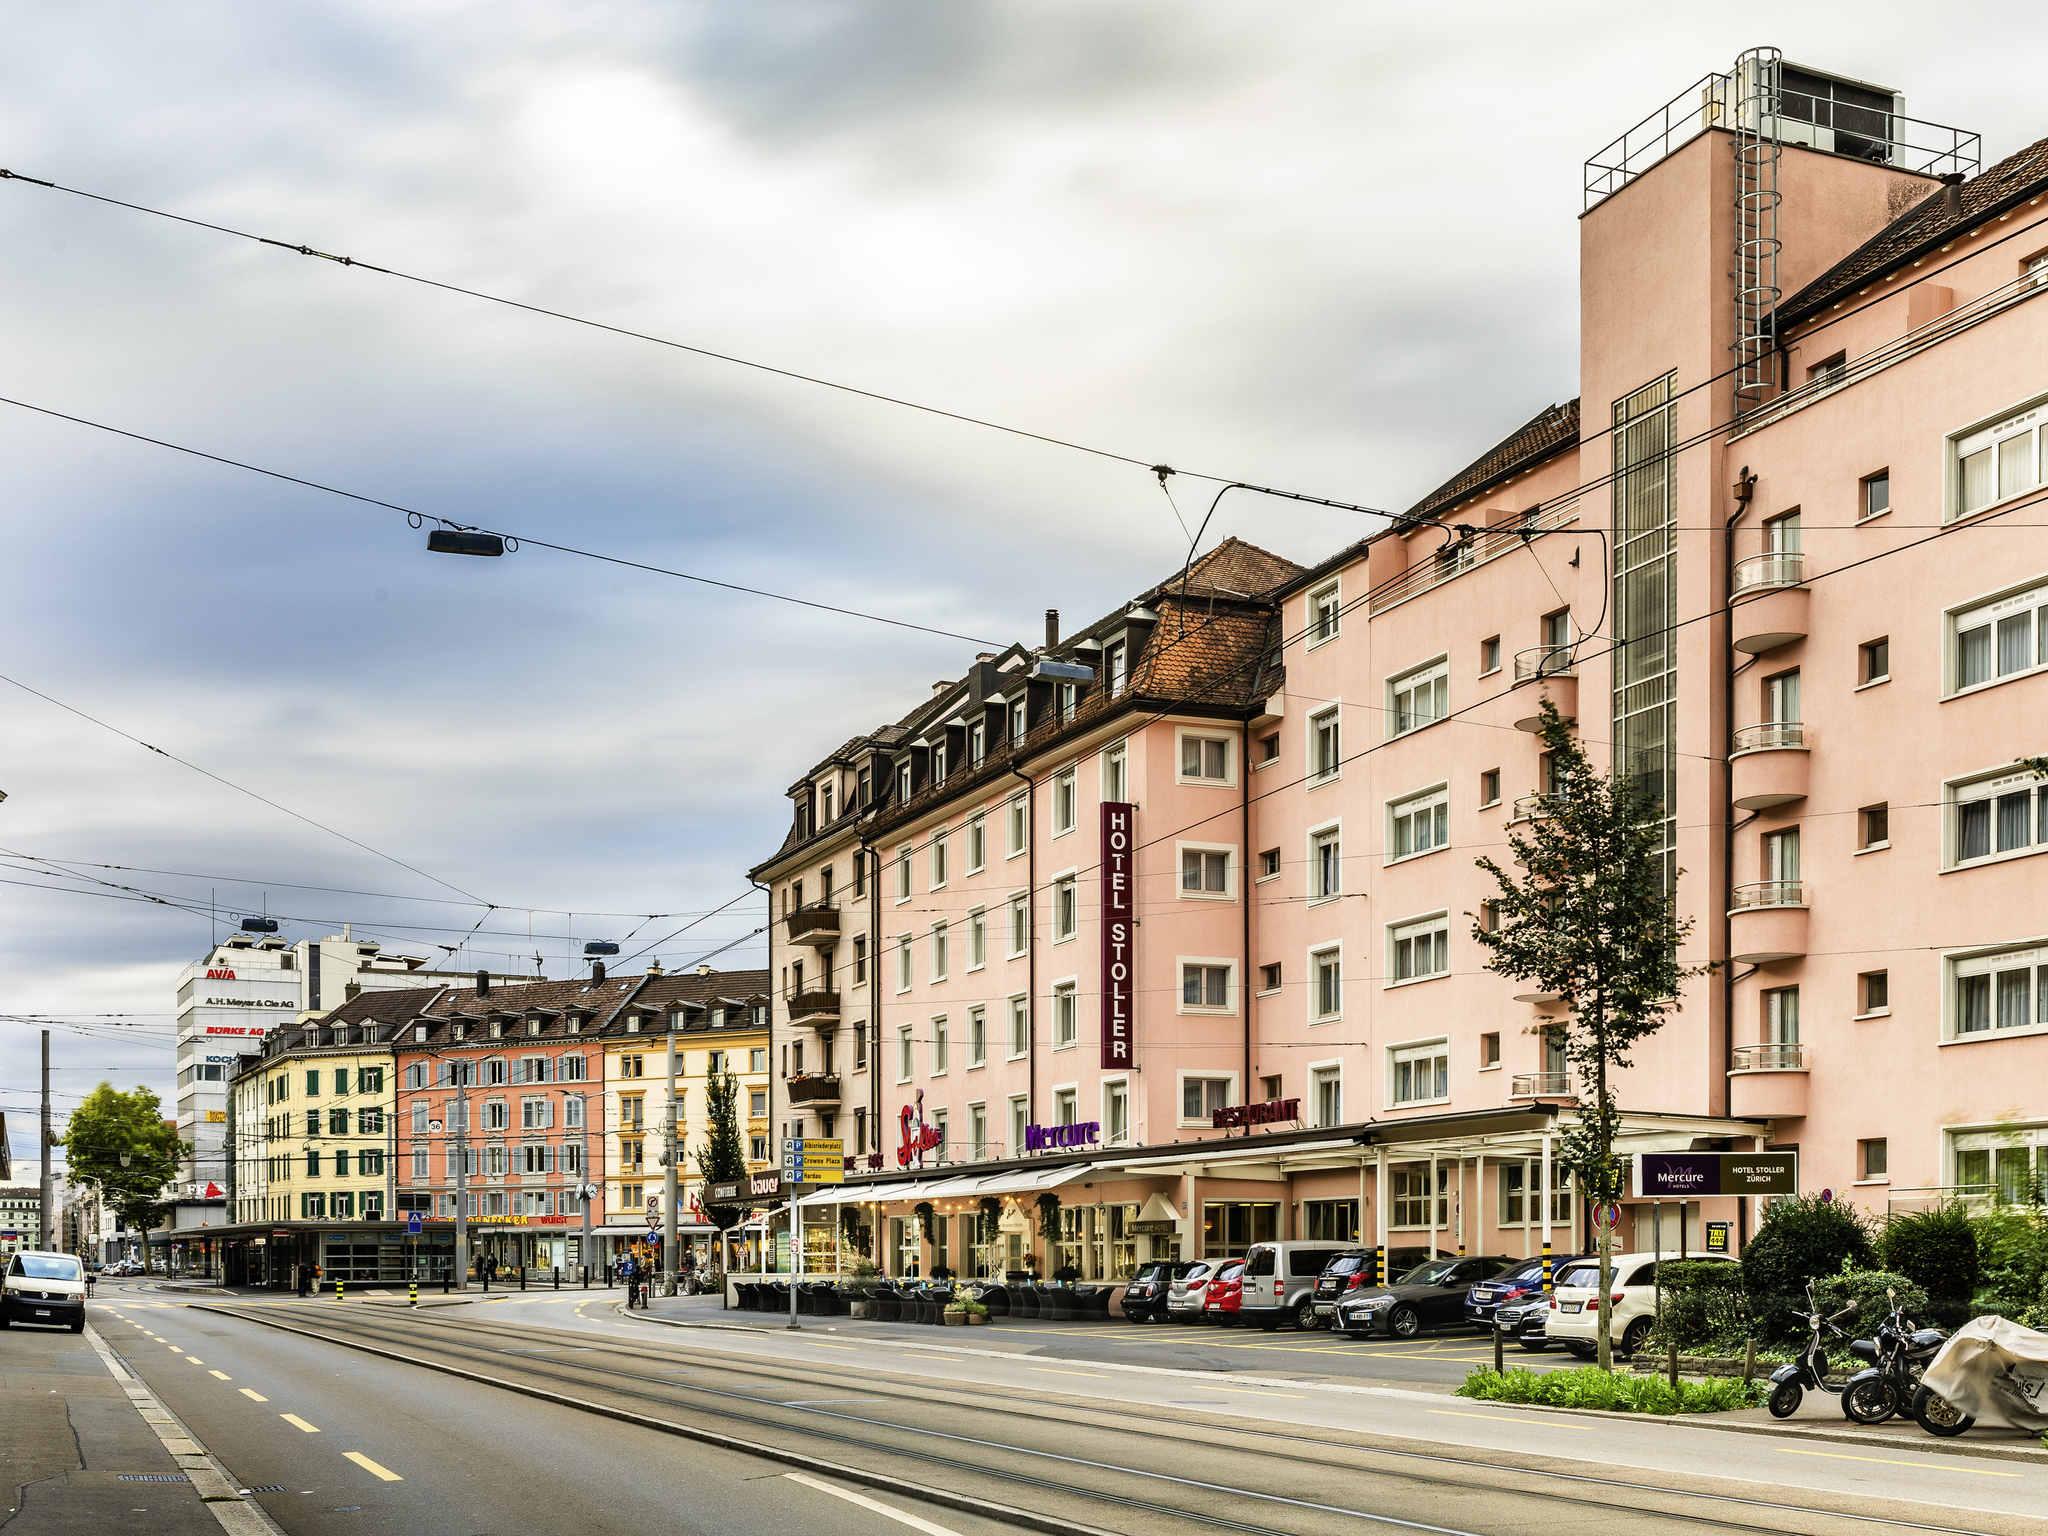 ホテル – メルキュールシュトラーチューリッヒ